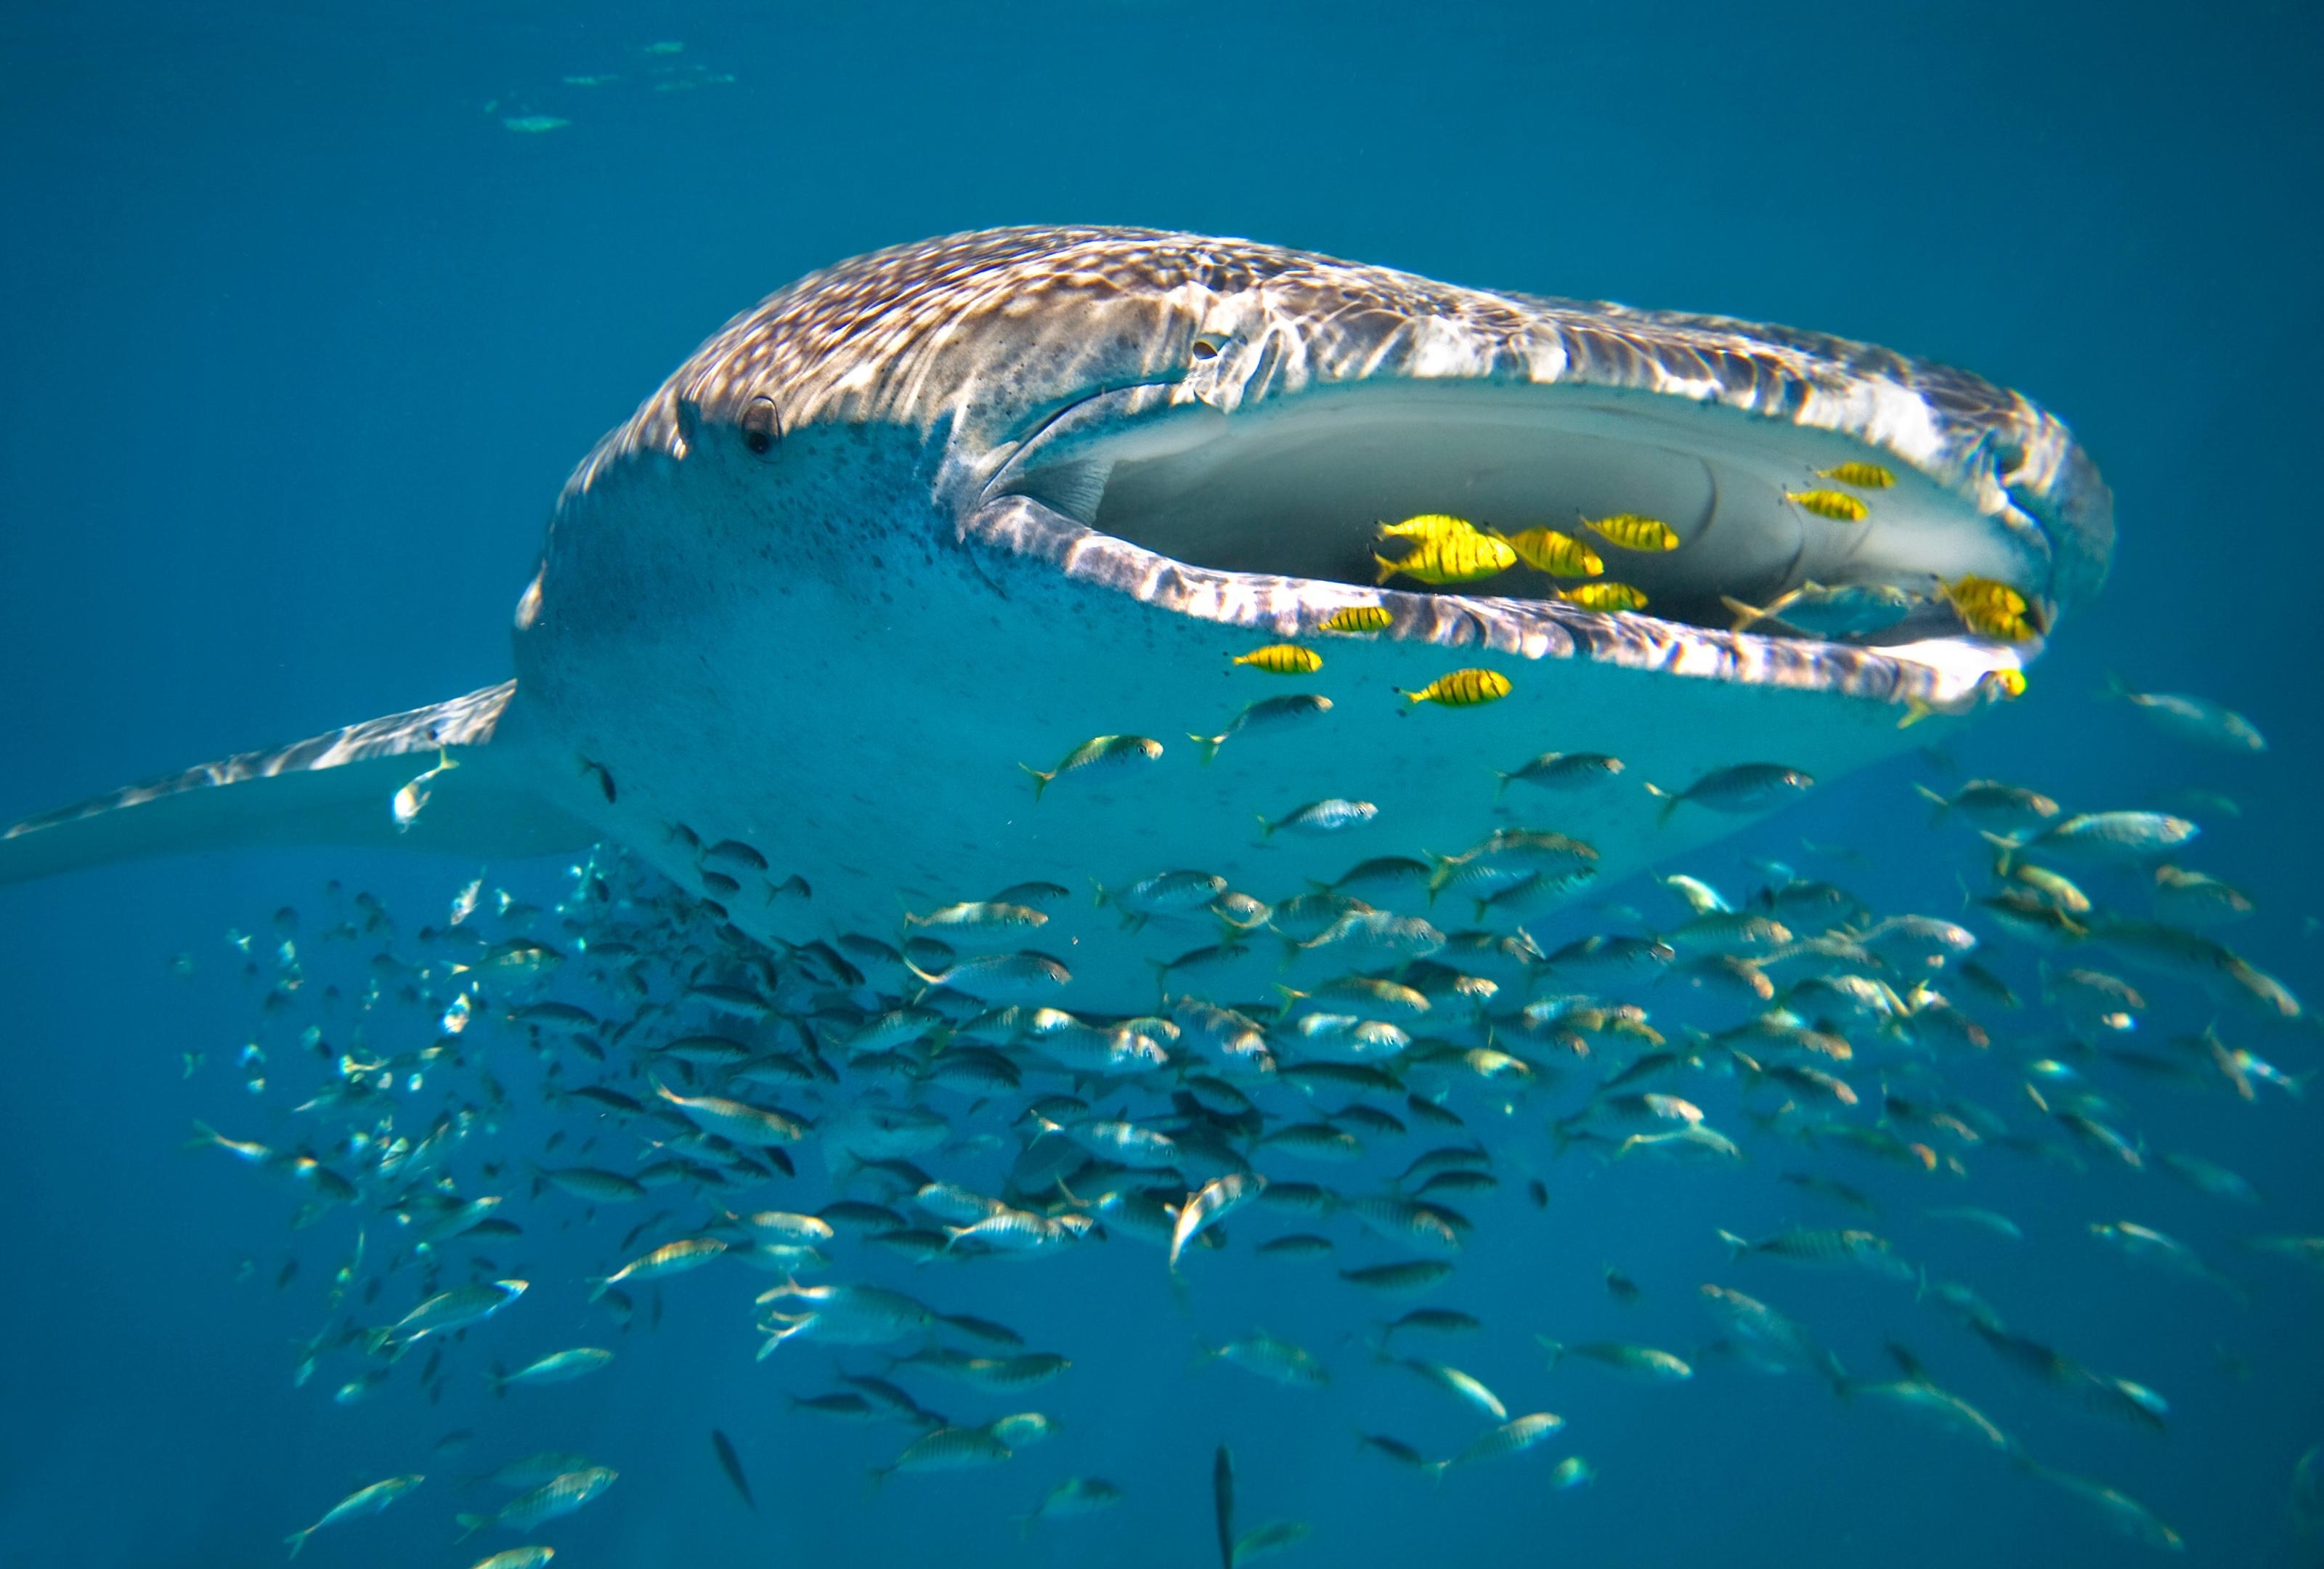 Al Shaheen oilfield is whale shark safe haven